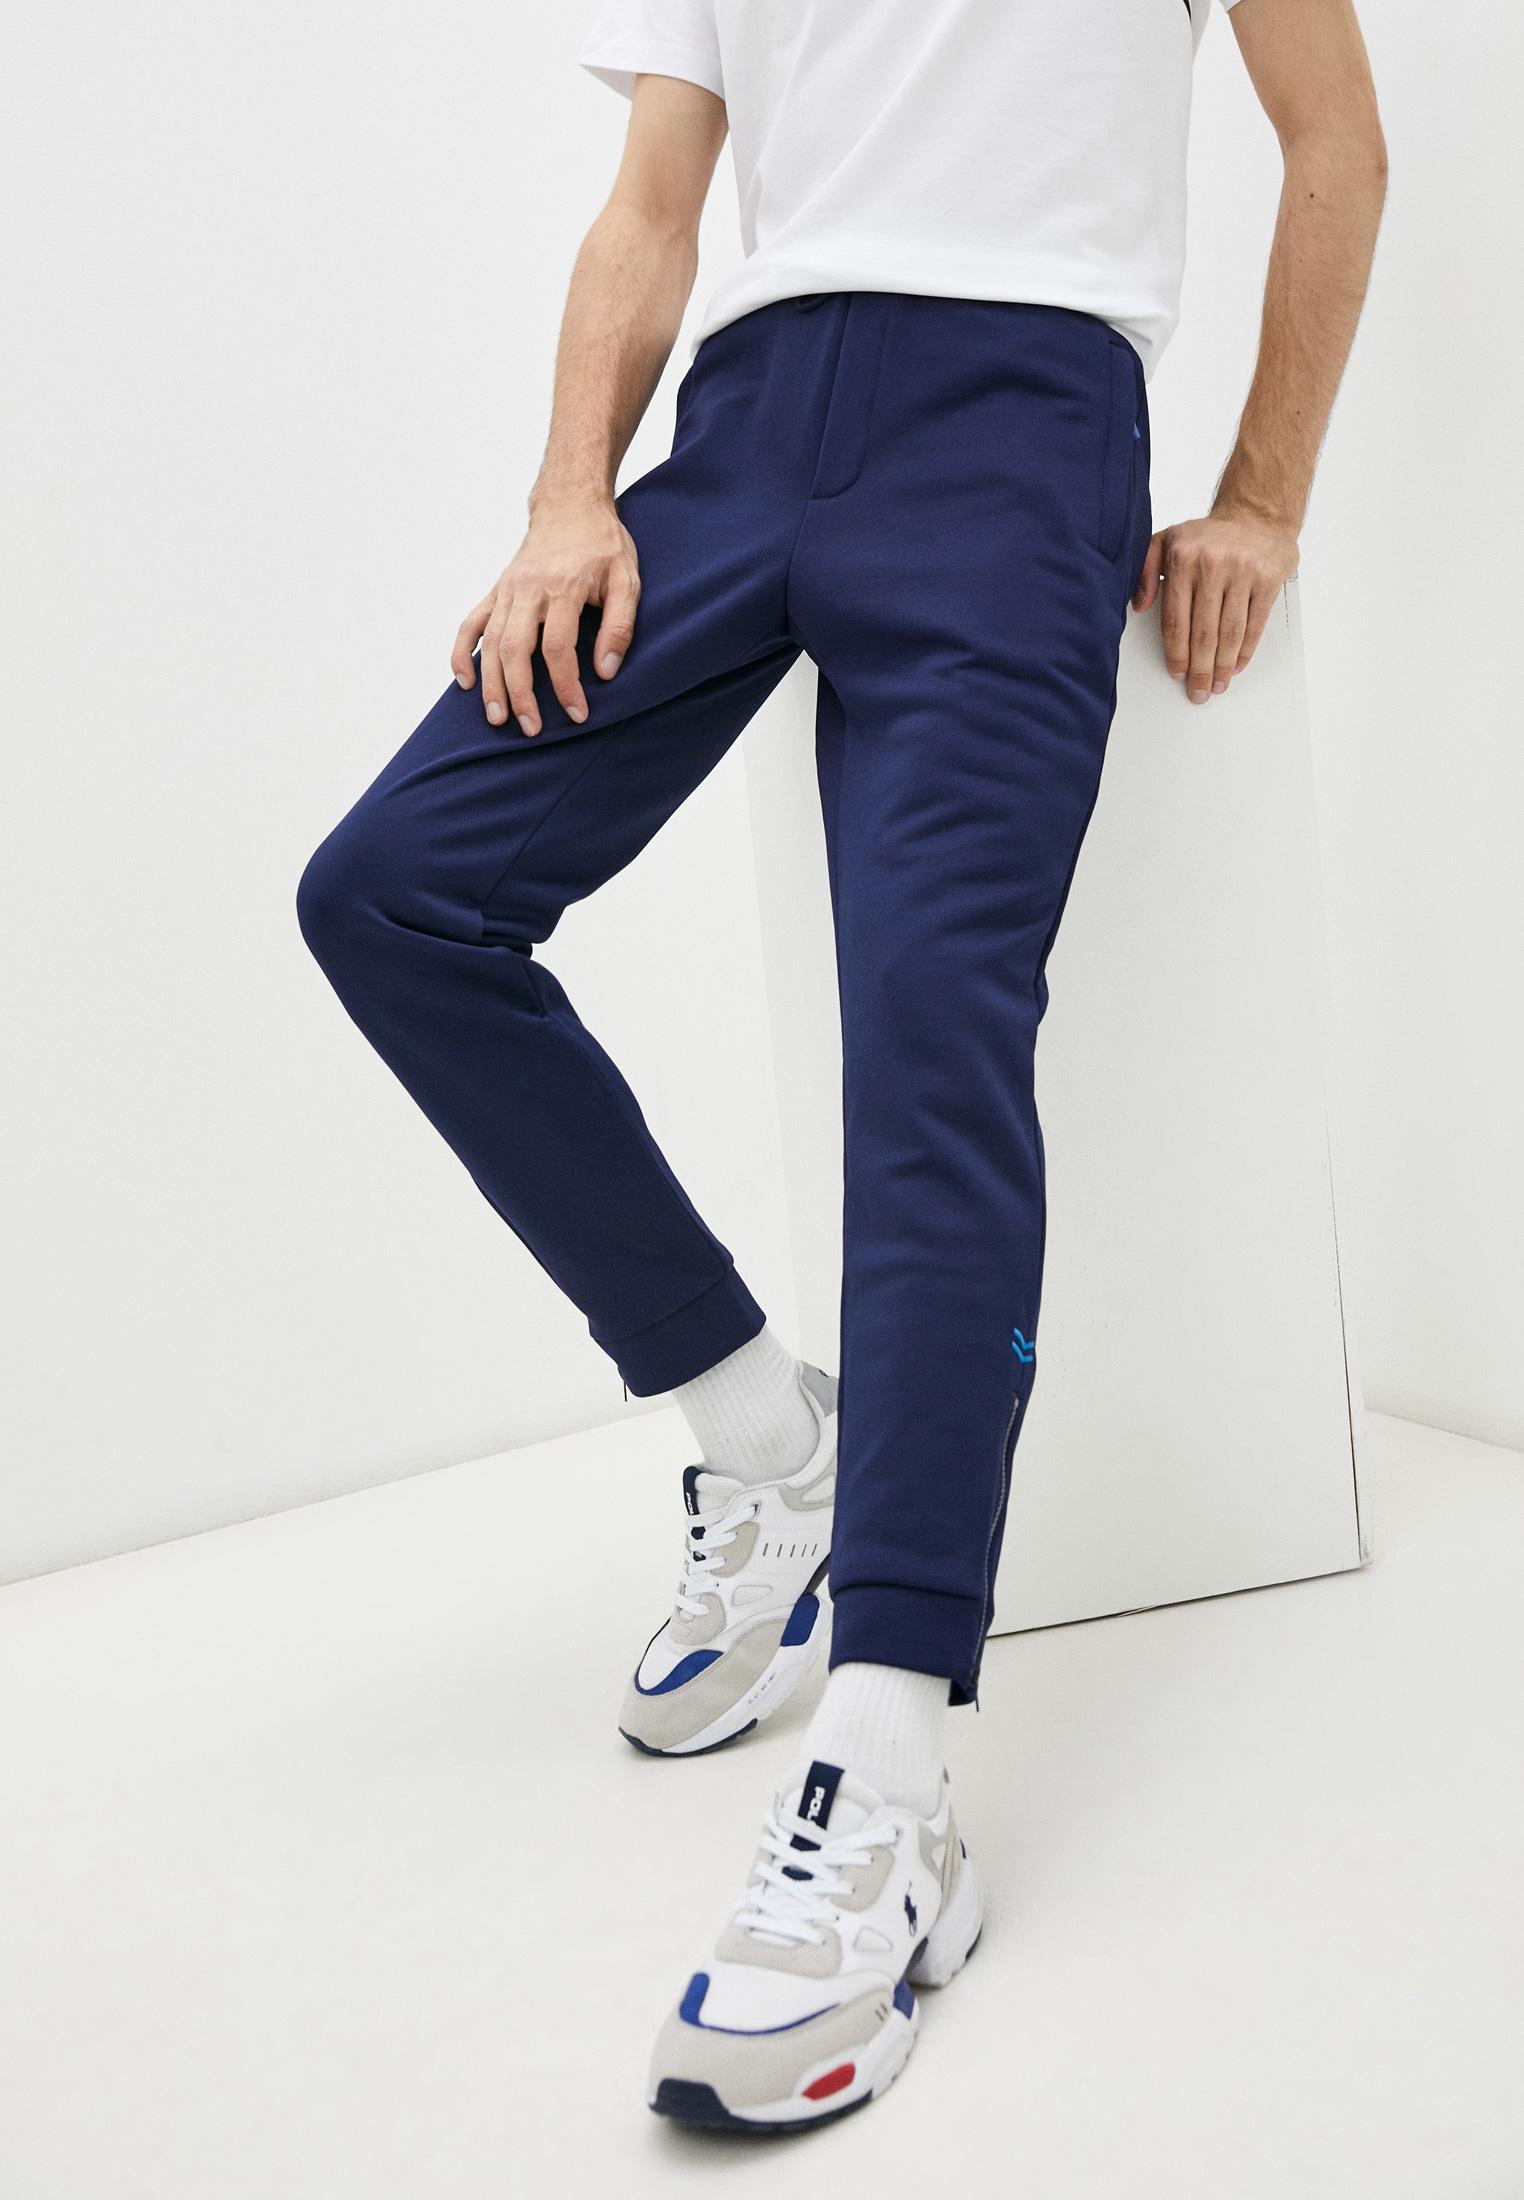 Мужские повседневные брюки Bikkembergs (Биккембергс) C 1 025 01 M 3816: изображение 1